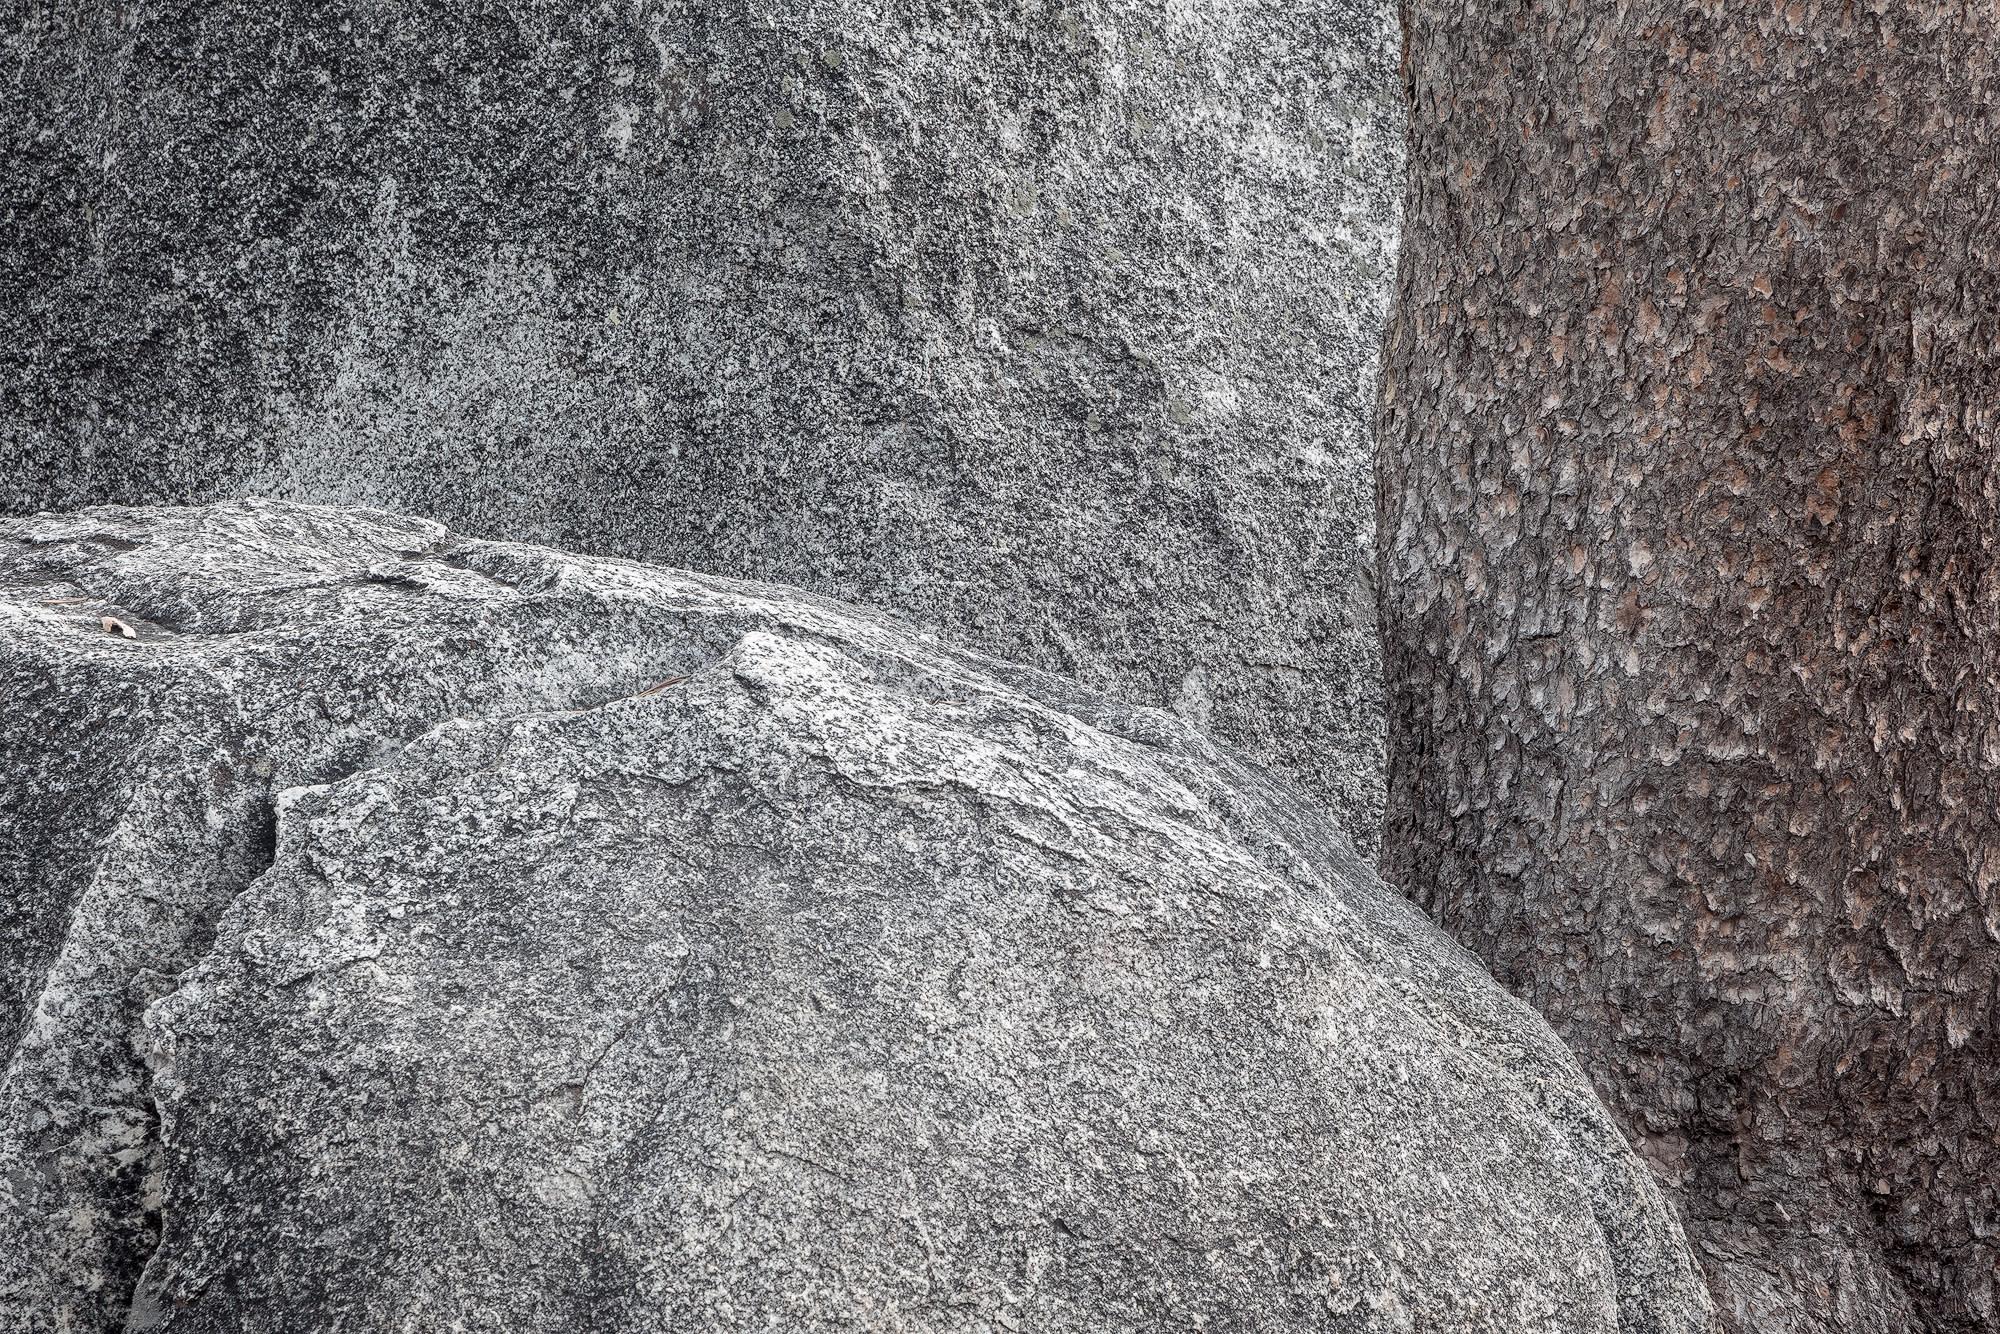 Boulders and pine axpqex